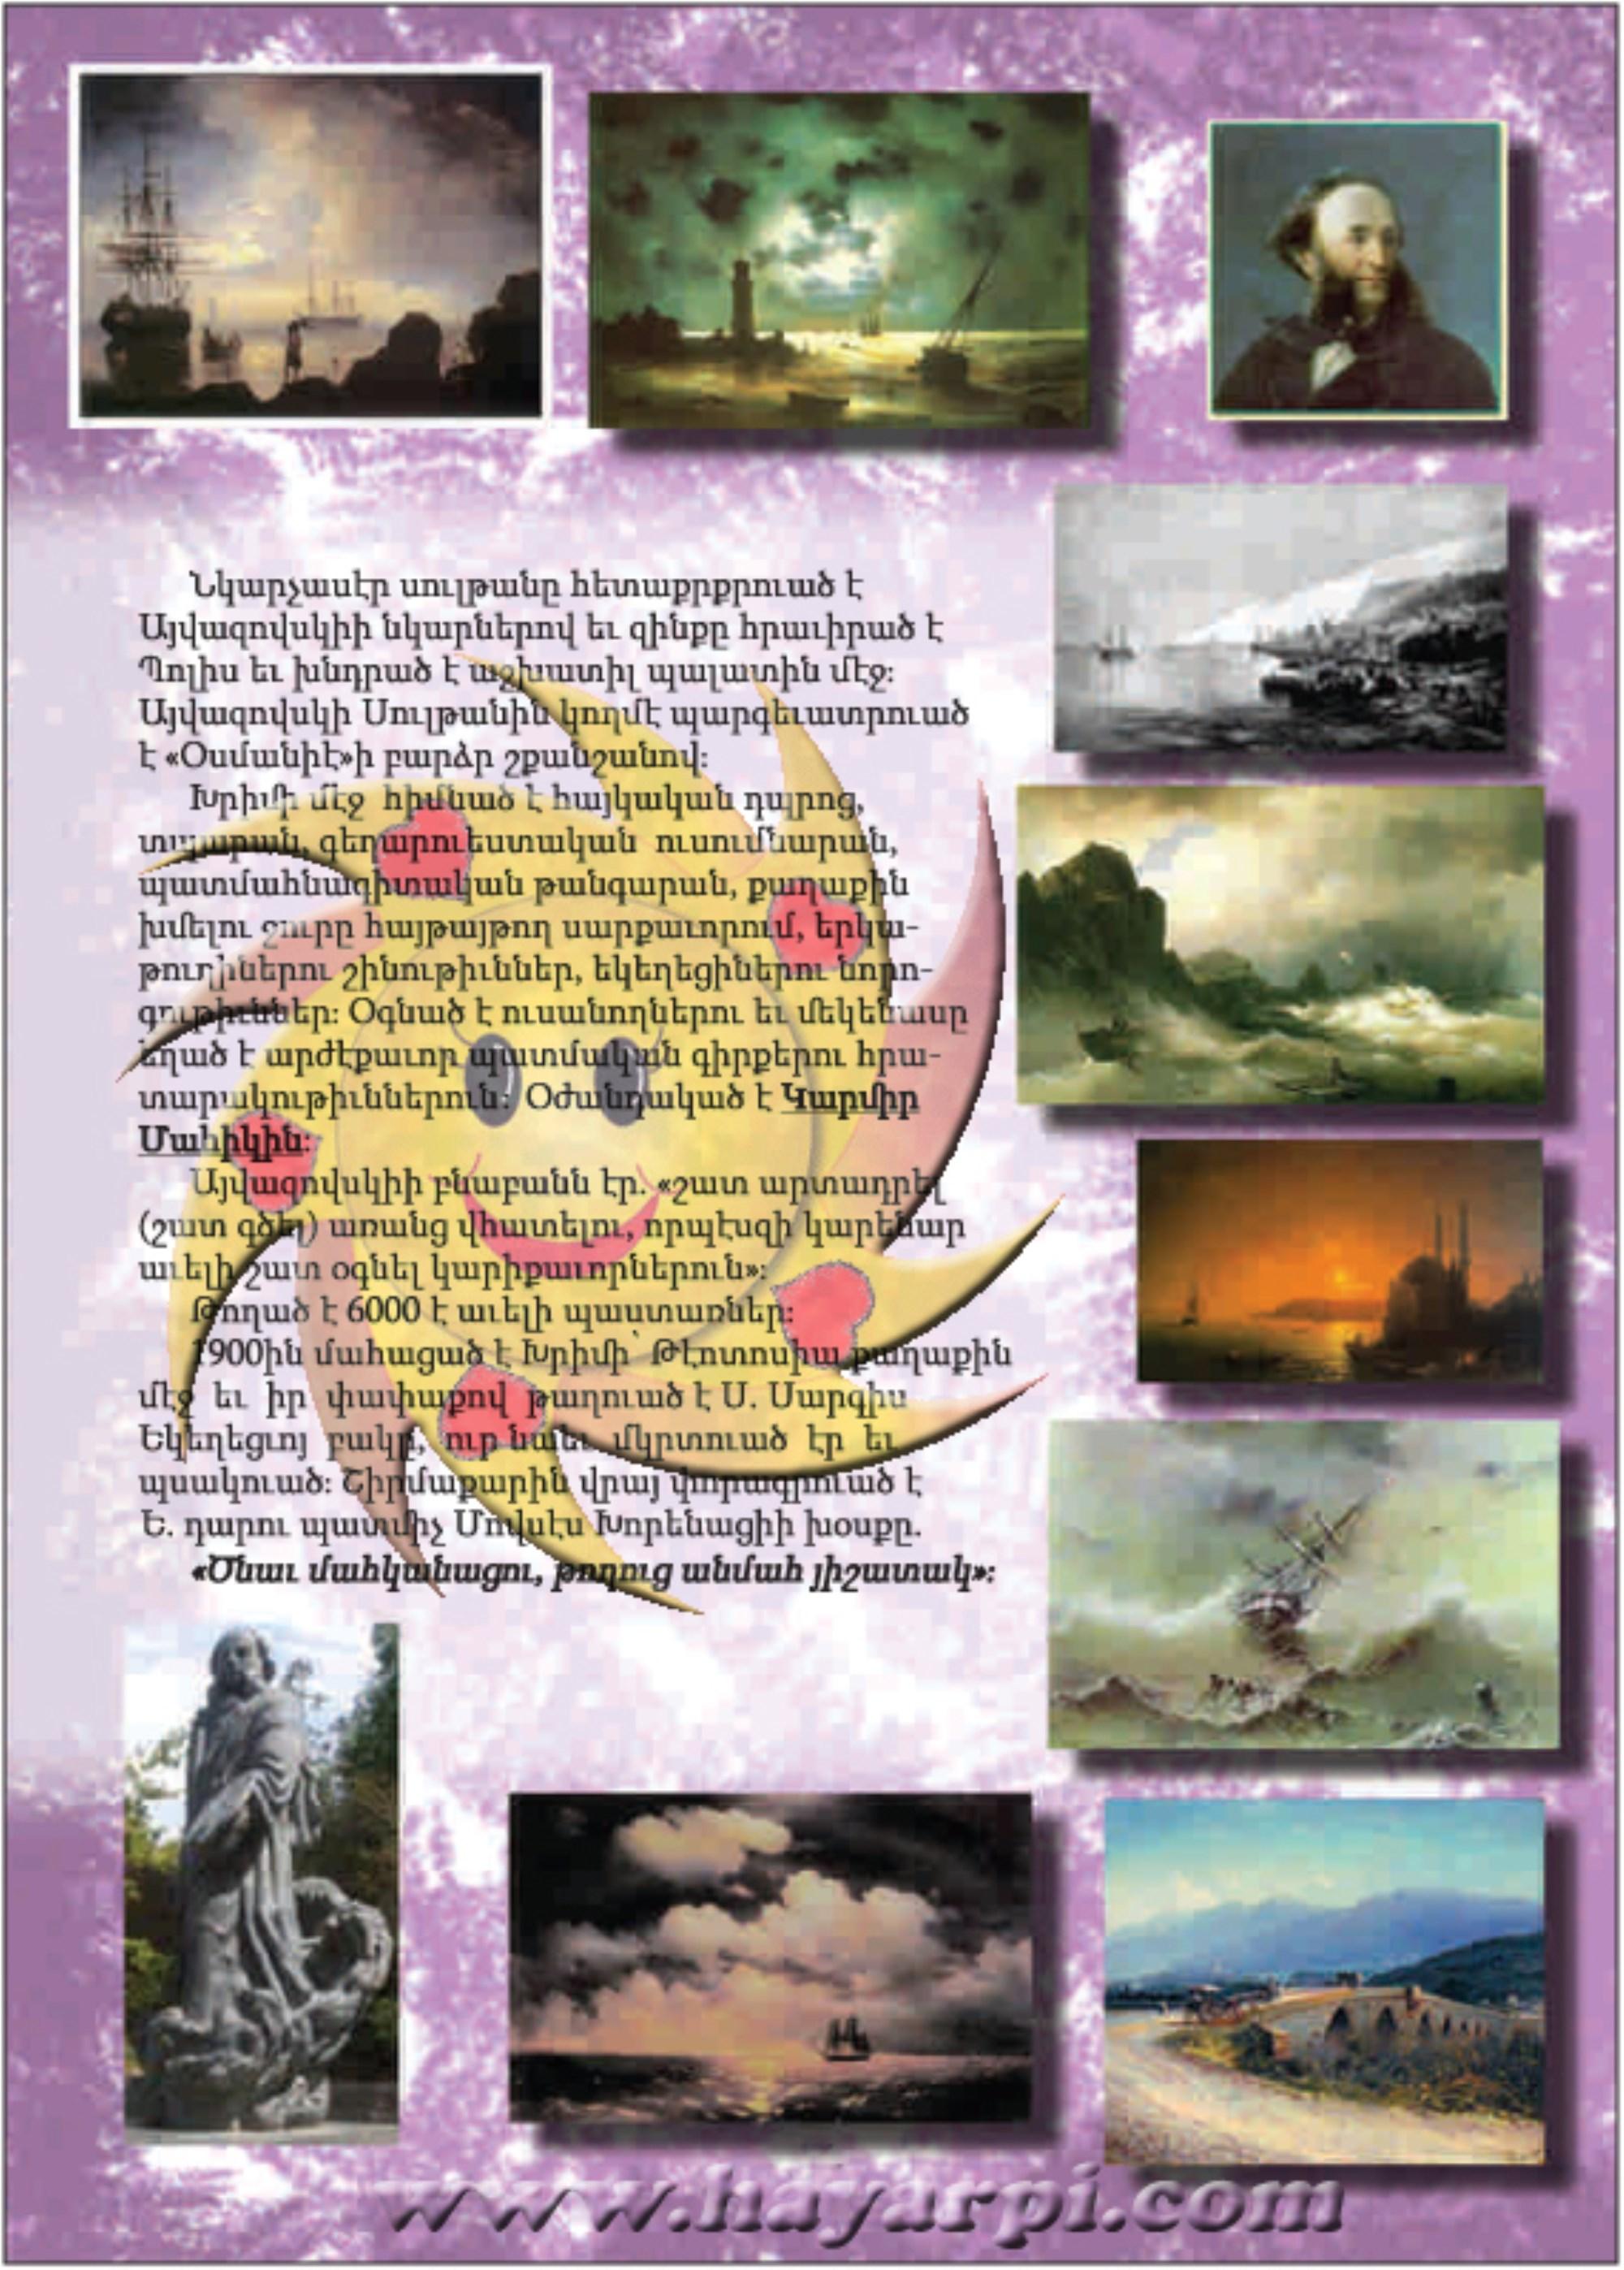 Ayvazovski 2 (Ocak 2012) (2000 x 2795)